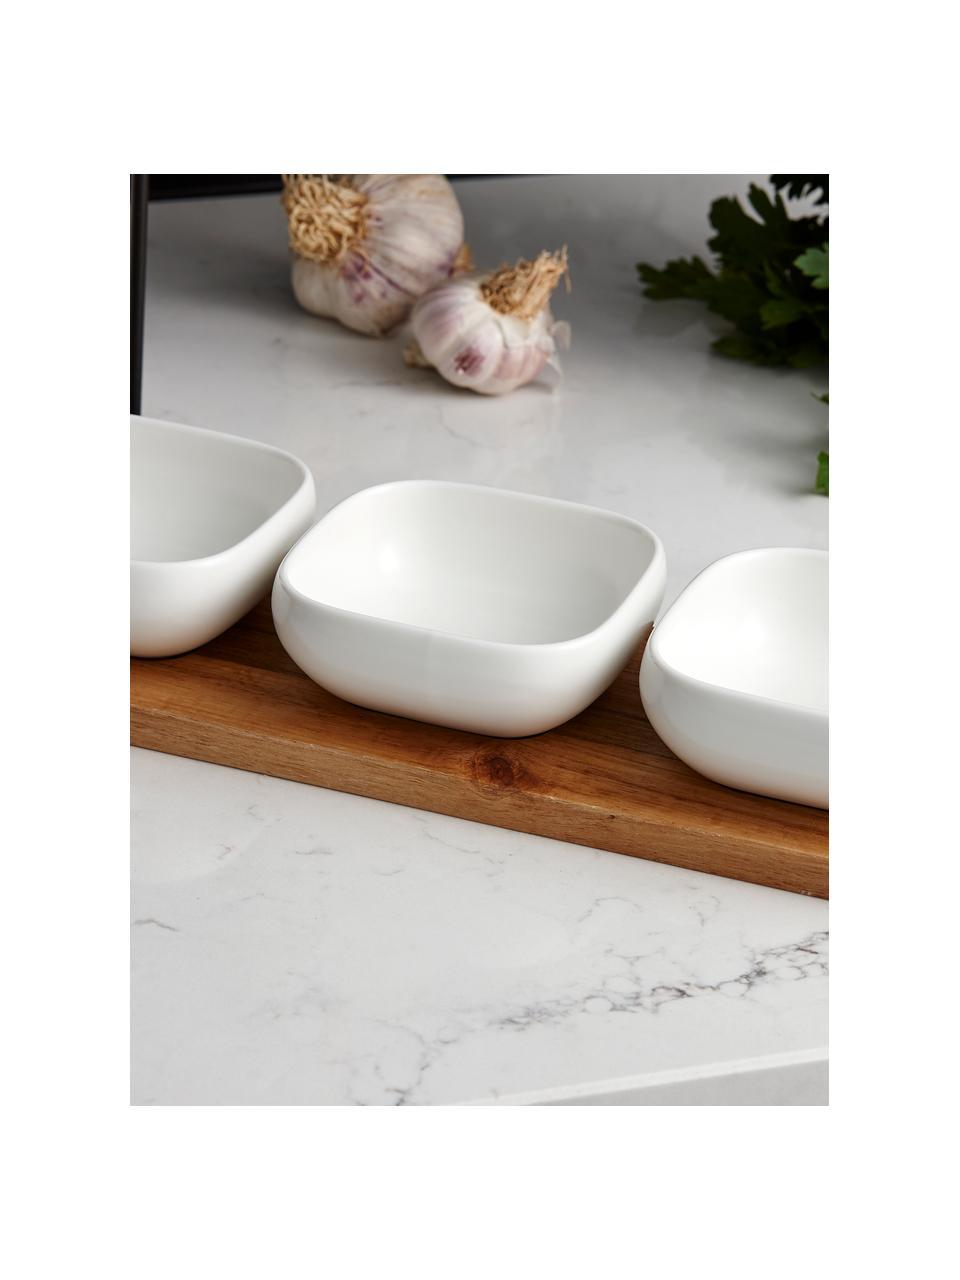 Dipschälchen Essentials aus Porzellan und Akazienholz, 4er-Set, Schälchen: Porzellan, Tablett: Akazienholz, Weiß, Akazienholz, Sondergrößen